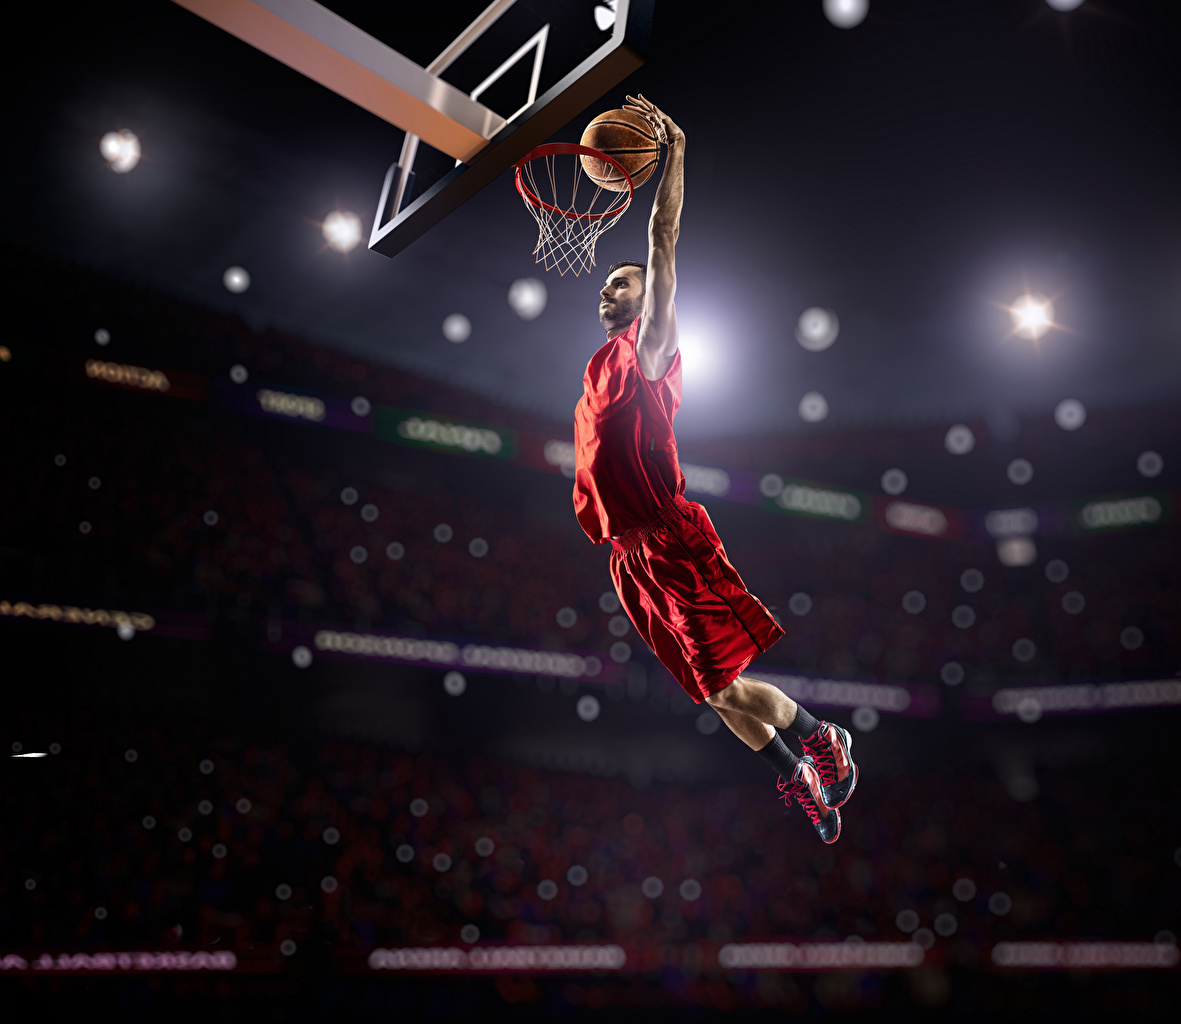 壁紙 バスケットボール 男性 飛び スポーツボール 制服 スポーツ